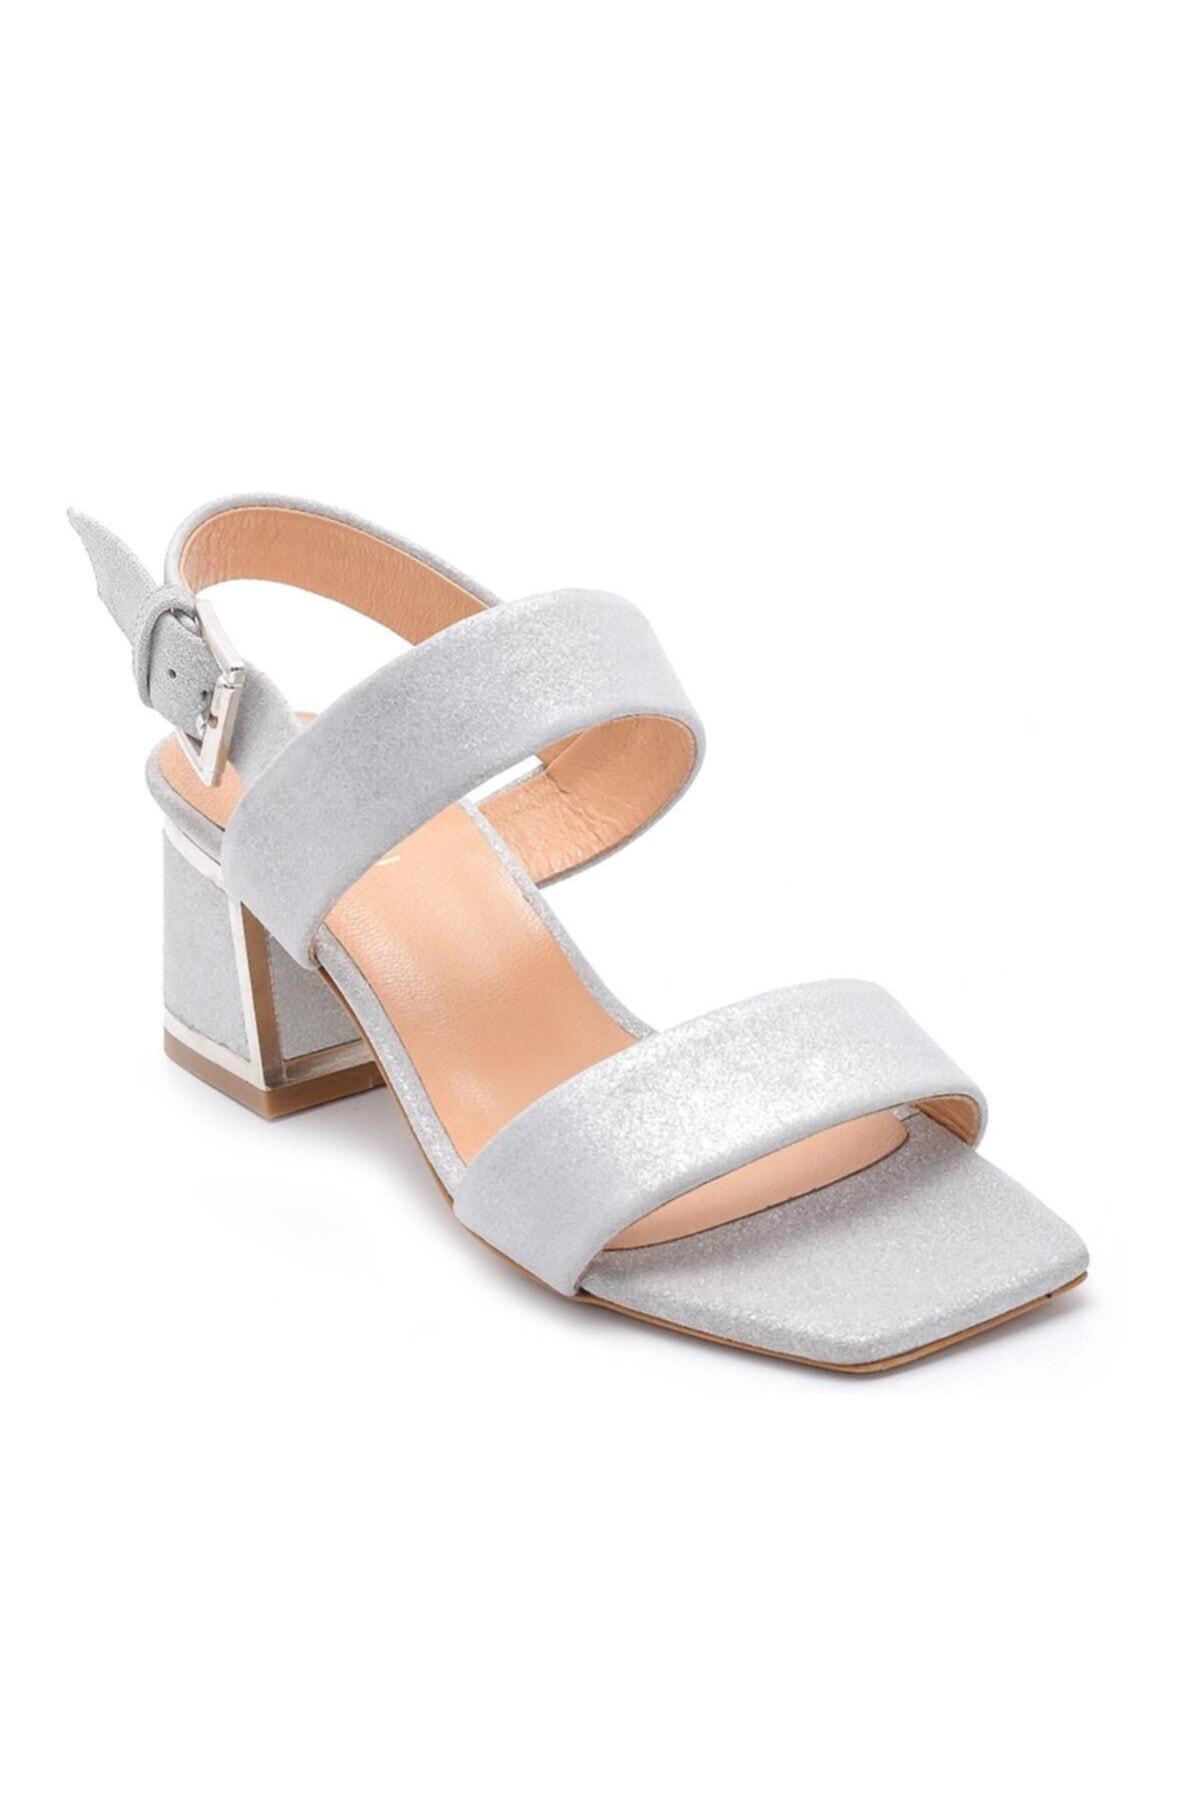 Sofia Baldi Kadın Gümüş Süet Toka Topuklu Sandalet 2